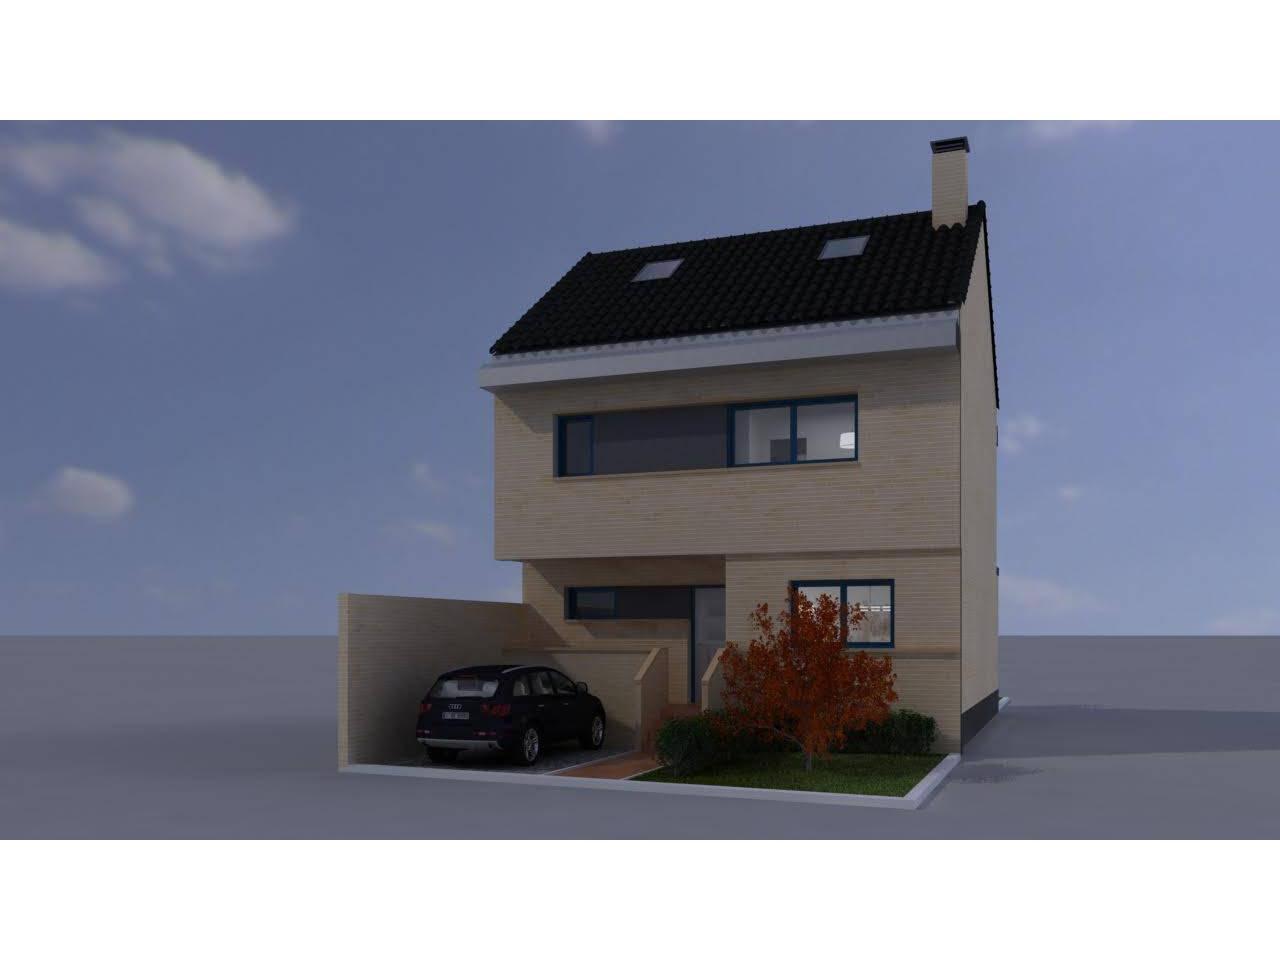 Fincas Sur Real Estate - Chalet de nueva construcción en venta en ...